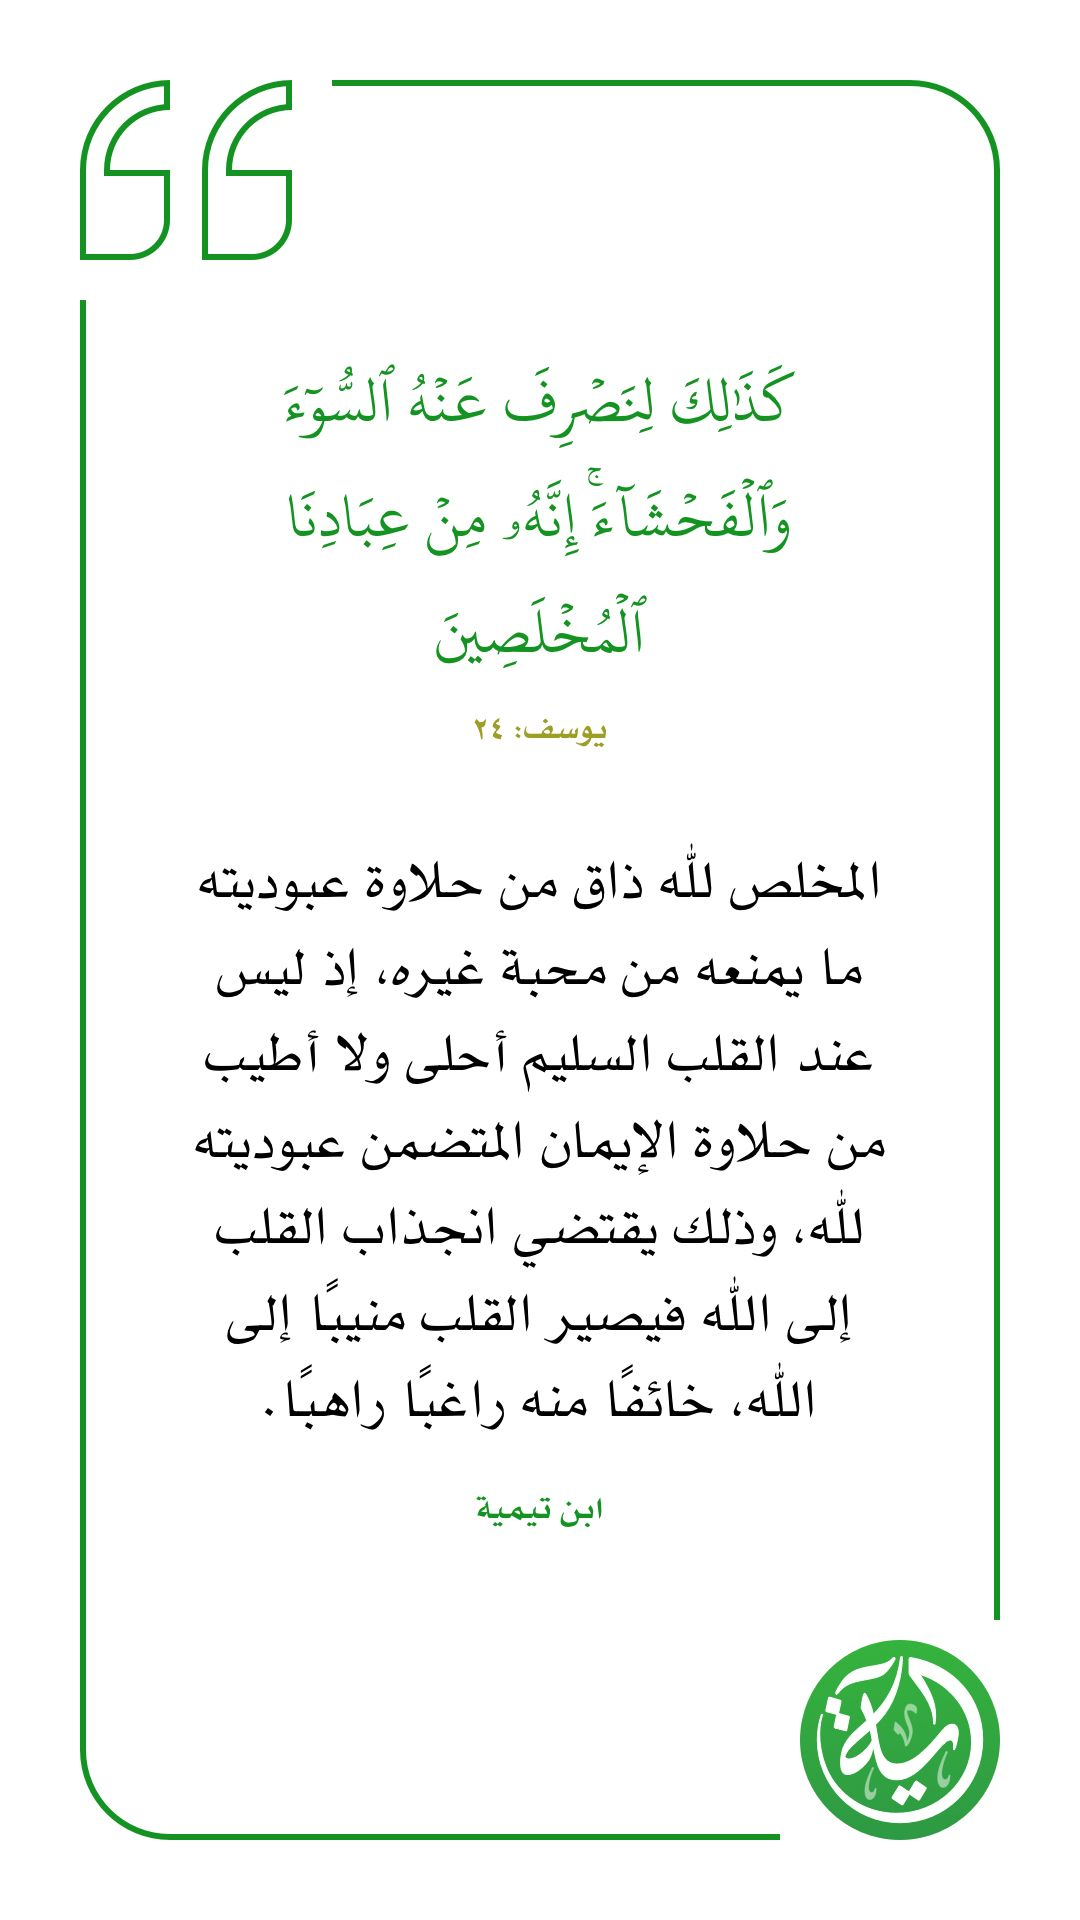 و ل ق د ه م ت ب ه و ه م ب ها ل ولا أ ن ر أى ب رهان ر ب ه ك ذل ك ل ن صر ف ع نه الس وء و الف حشاء إ Quran Quotes Love Quran Quotes Short Quotes Love